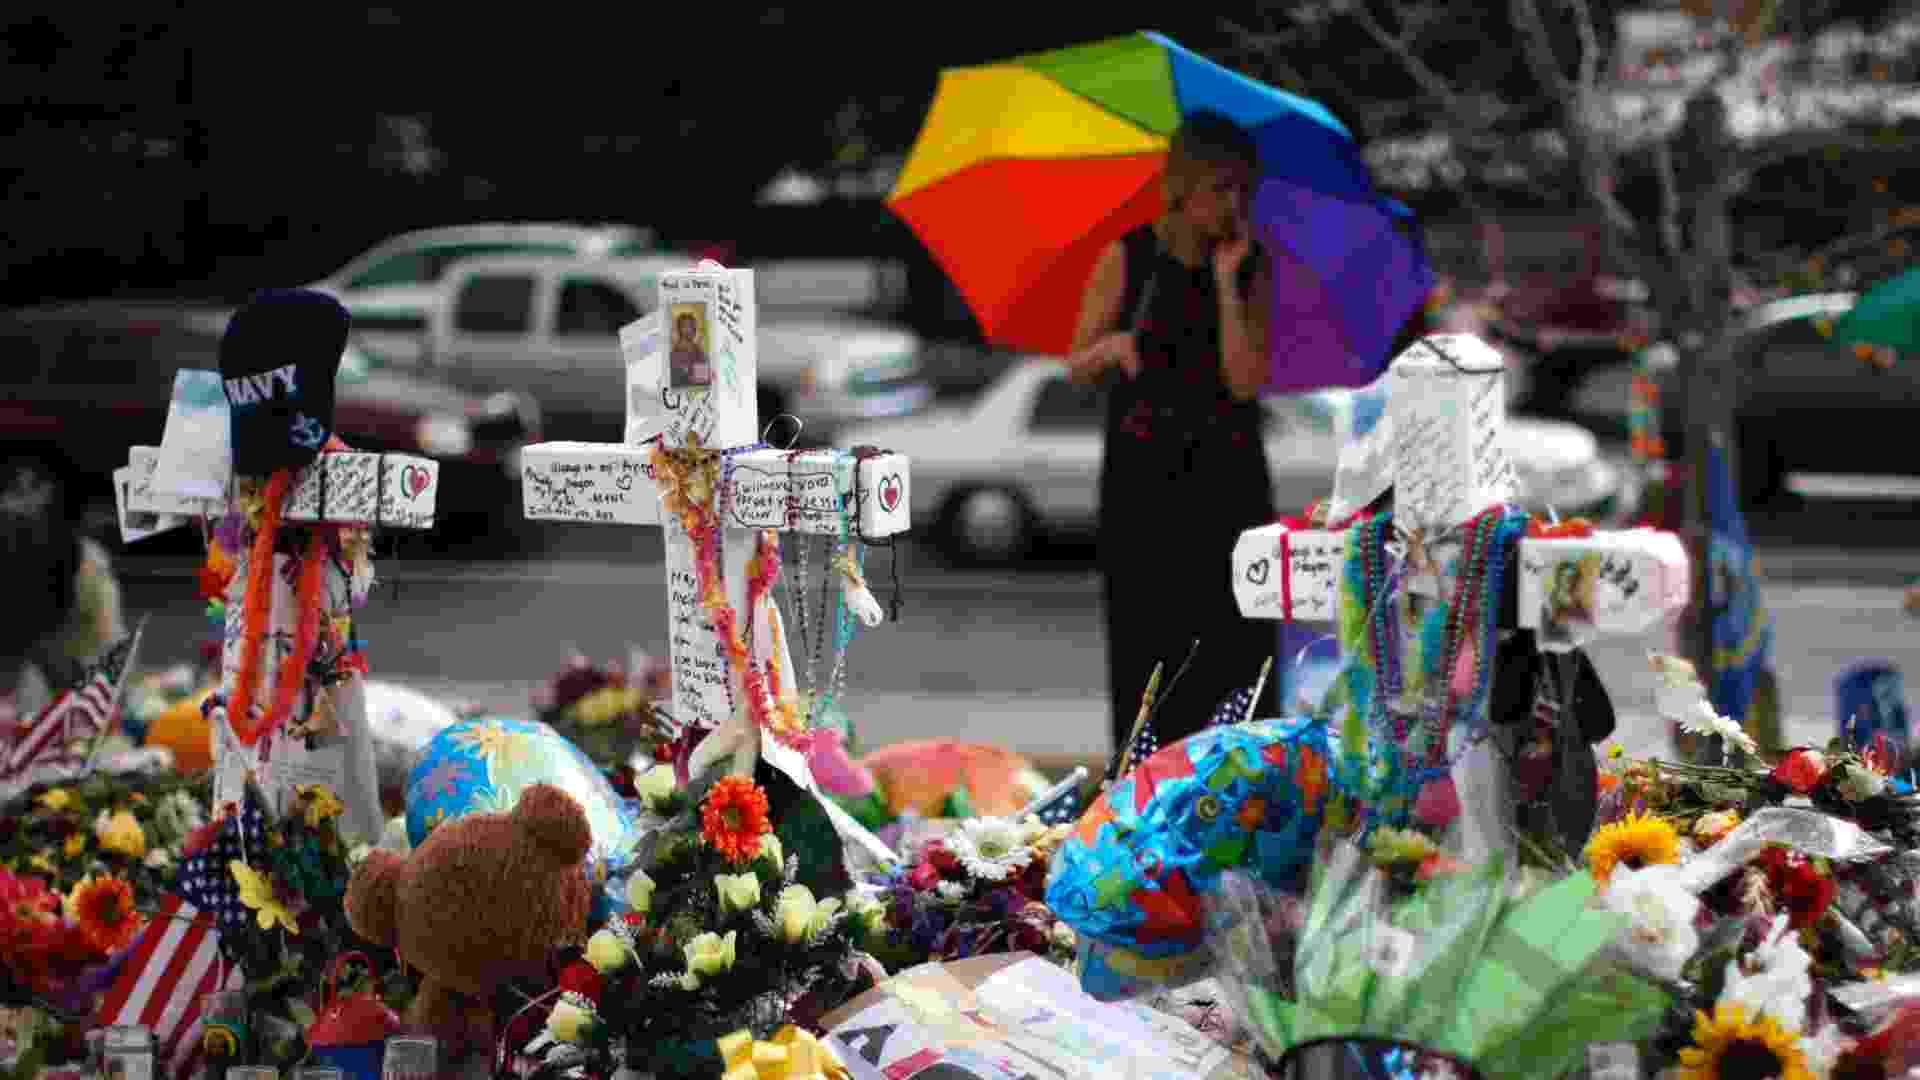 27.jul.2012 - Diariamente, cartas e presentes são deixados no memorial às 12 vítimas que morreram no massacre de Aurora, no Colorado (EUA), há uma semana, em frente ao cinema onde elas foram assassinadas - Rick Wilking/Reuters